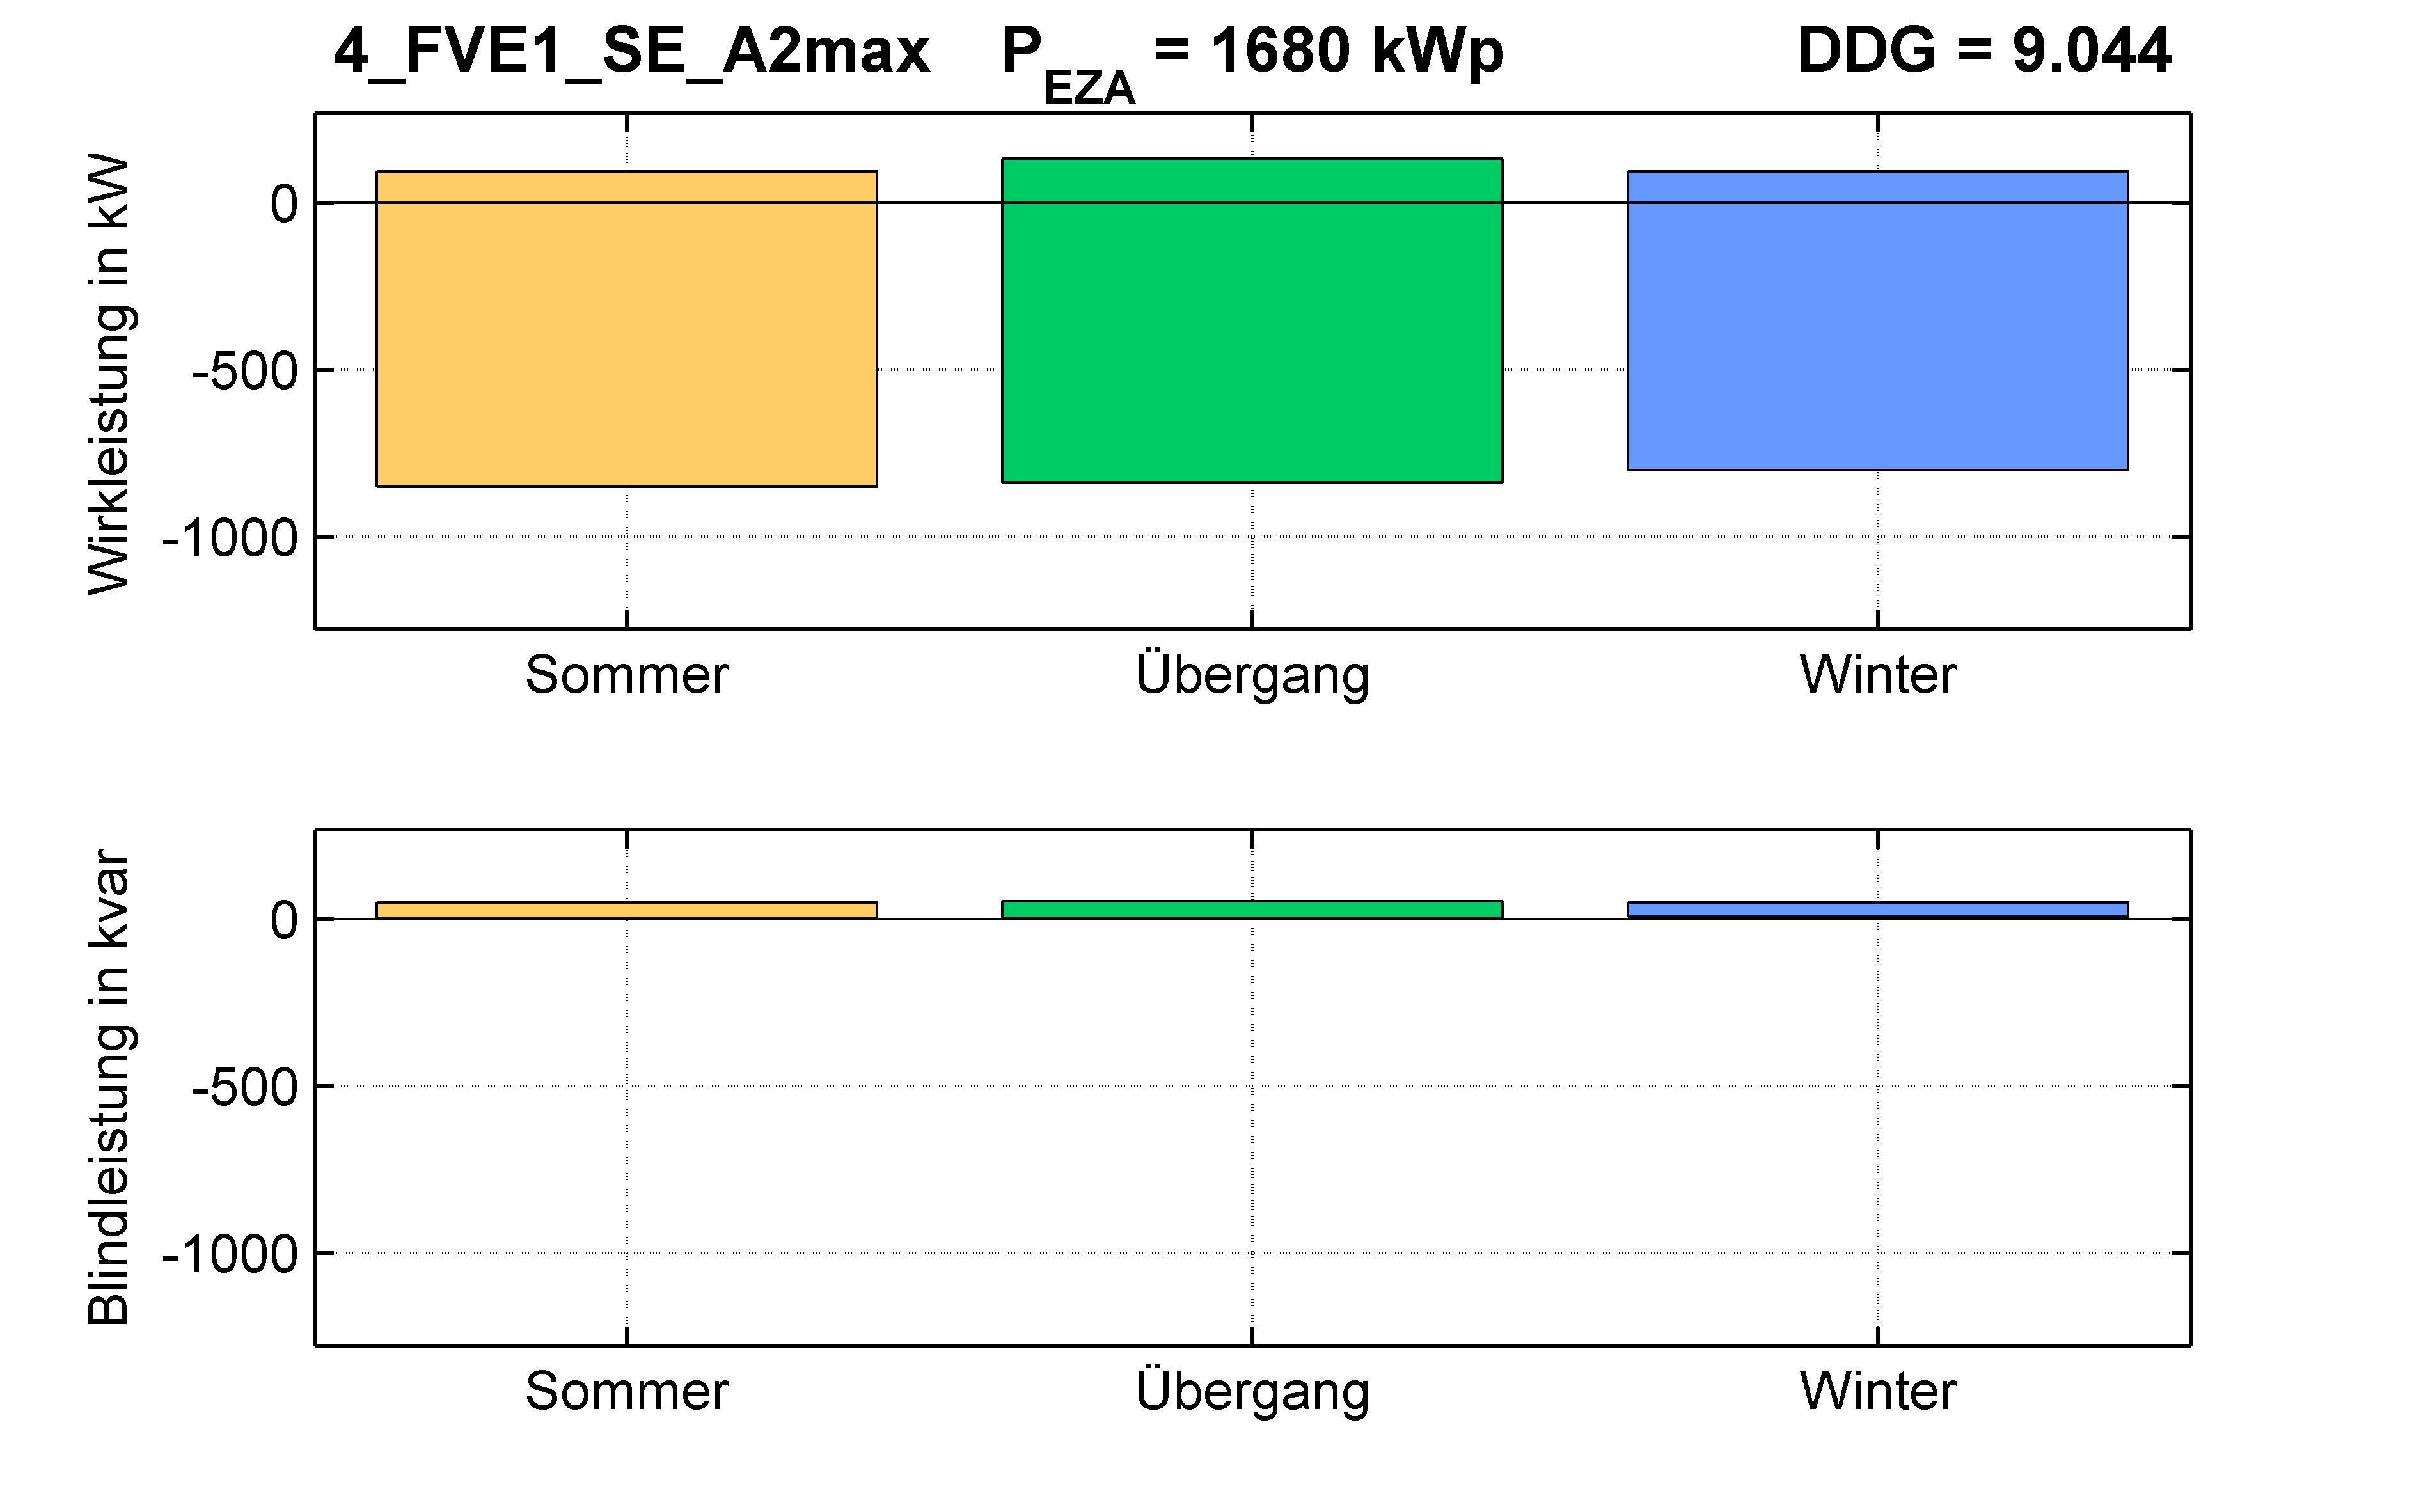 FVE1 | P-Kappung 55% (SE) A2max | PQ-Bilanz